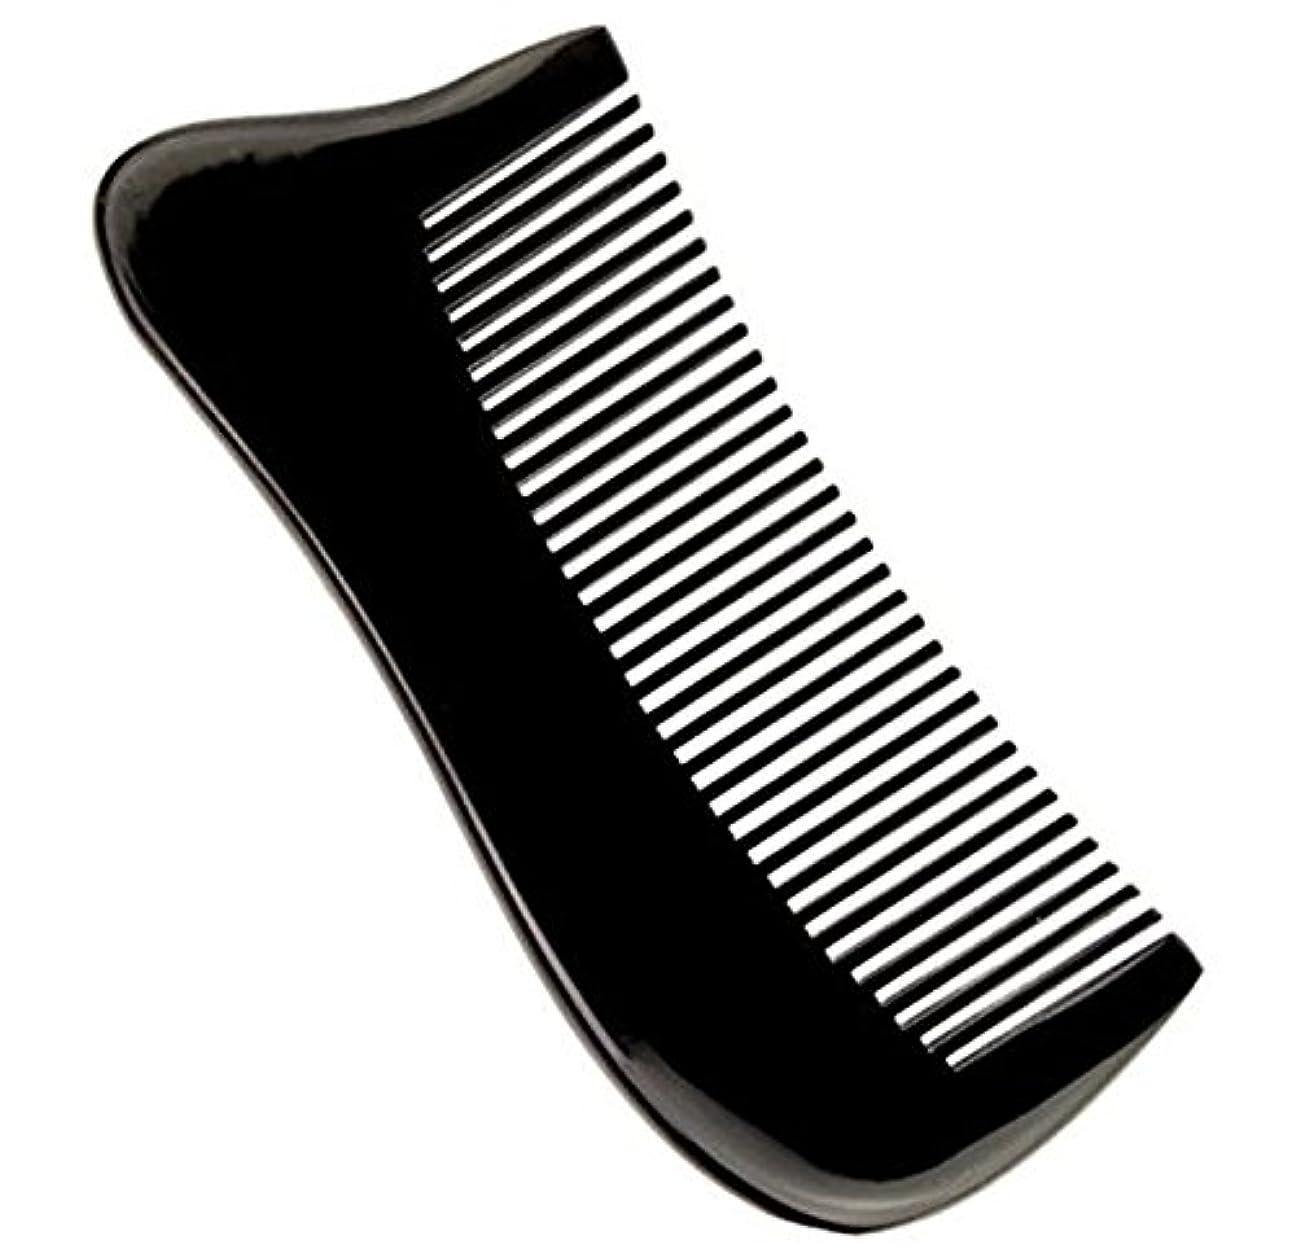 選択病的スロー櫛型 プロも使う牛角かっさプレート マサージ用 血行改善 高級 天然 静電気防止 美髪 美顔 ボディ リンパマッサージ